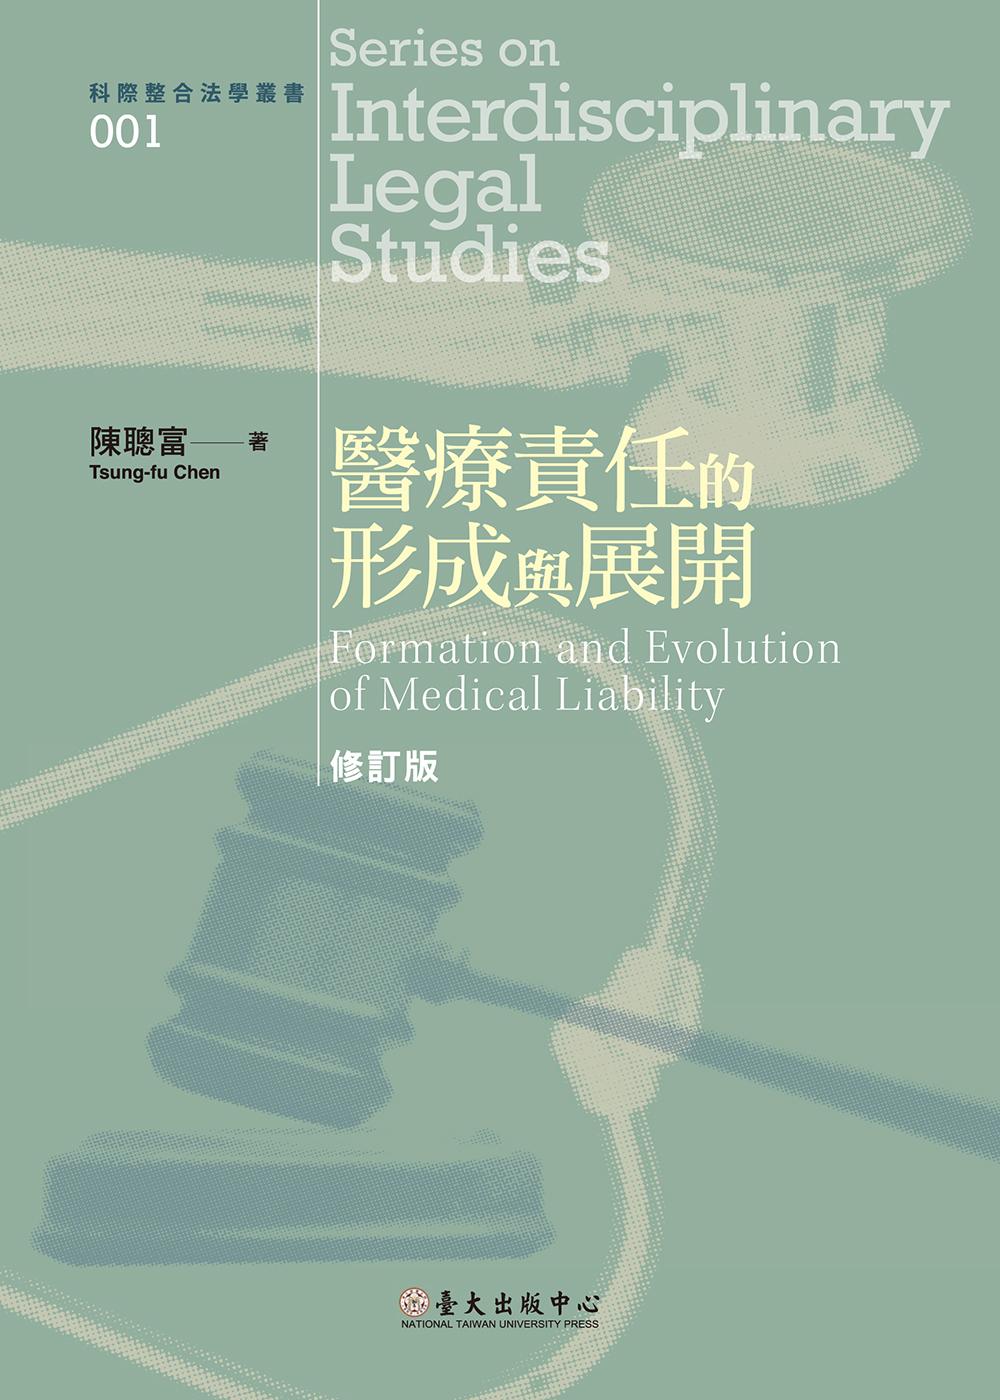 醫療責任的形成與展開(修訂版)